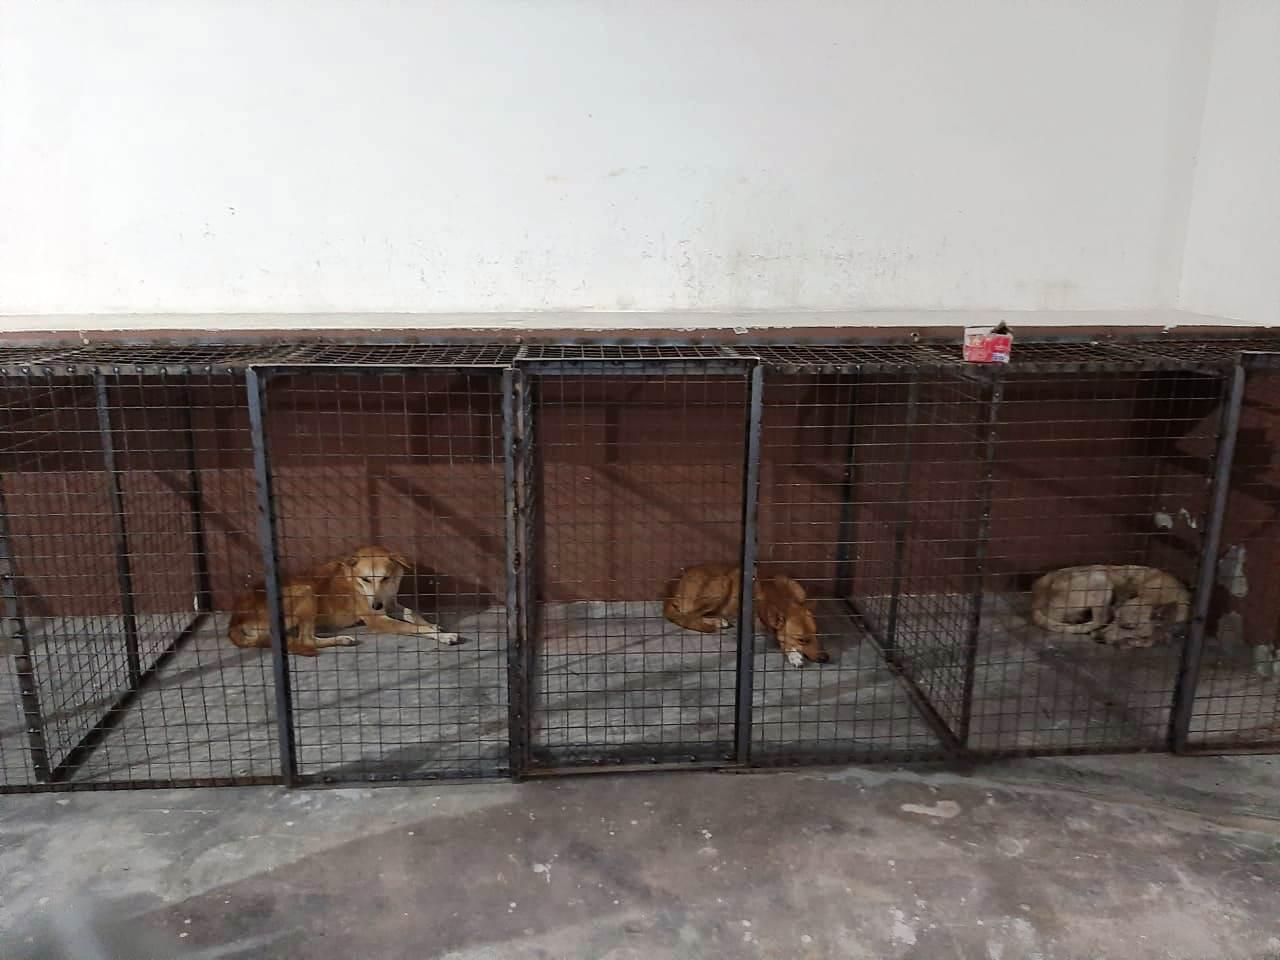 करनाल में आवारा कुत्तों की नसबंदी का काम शुरू, रोजाना 15 से 20 कुत्तों के हो रहे ऑपरेशन